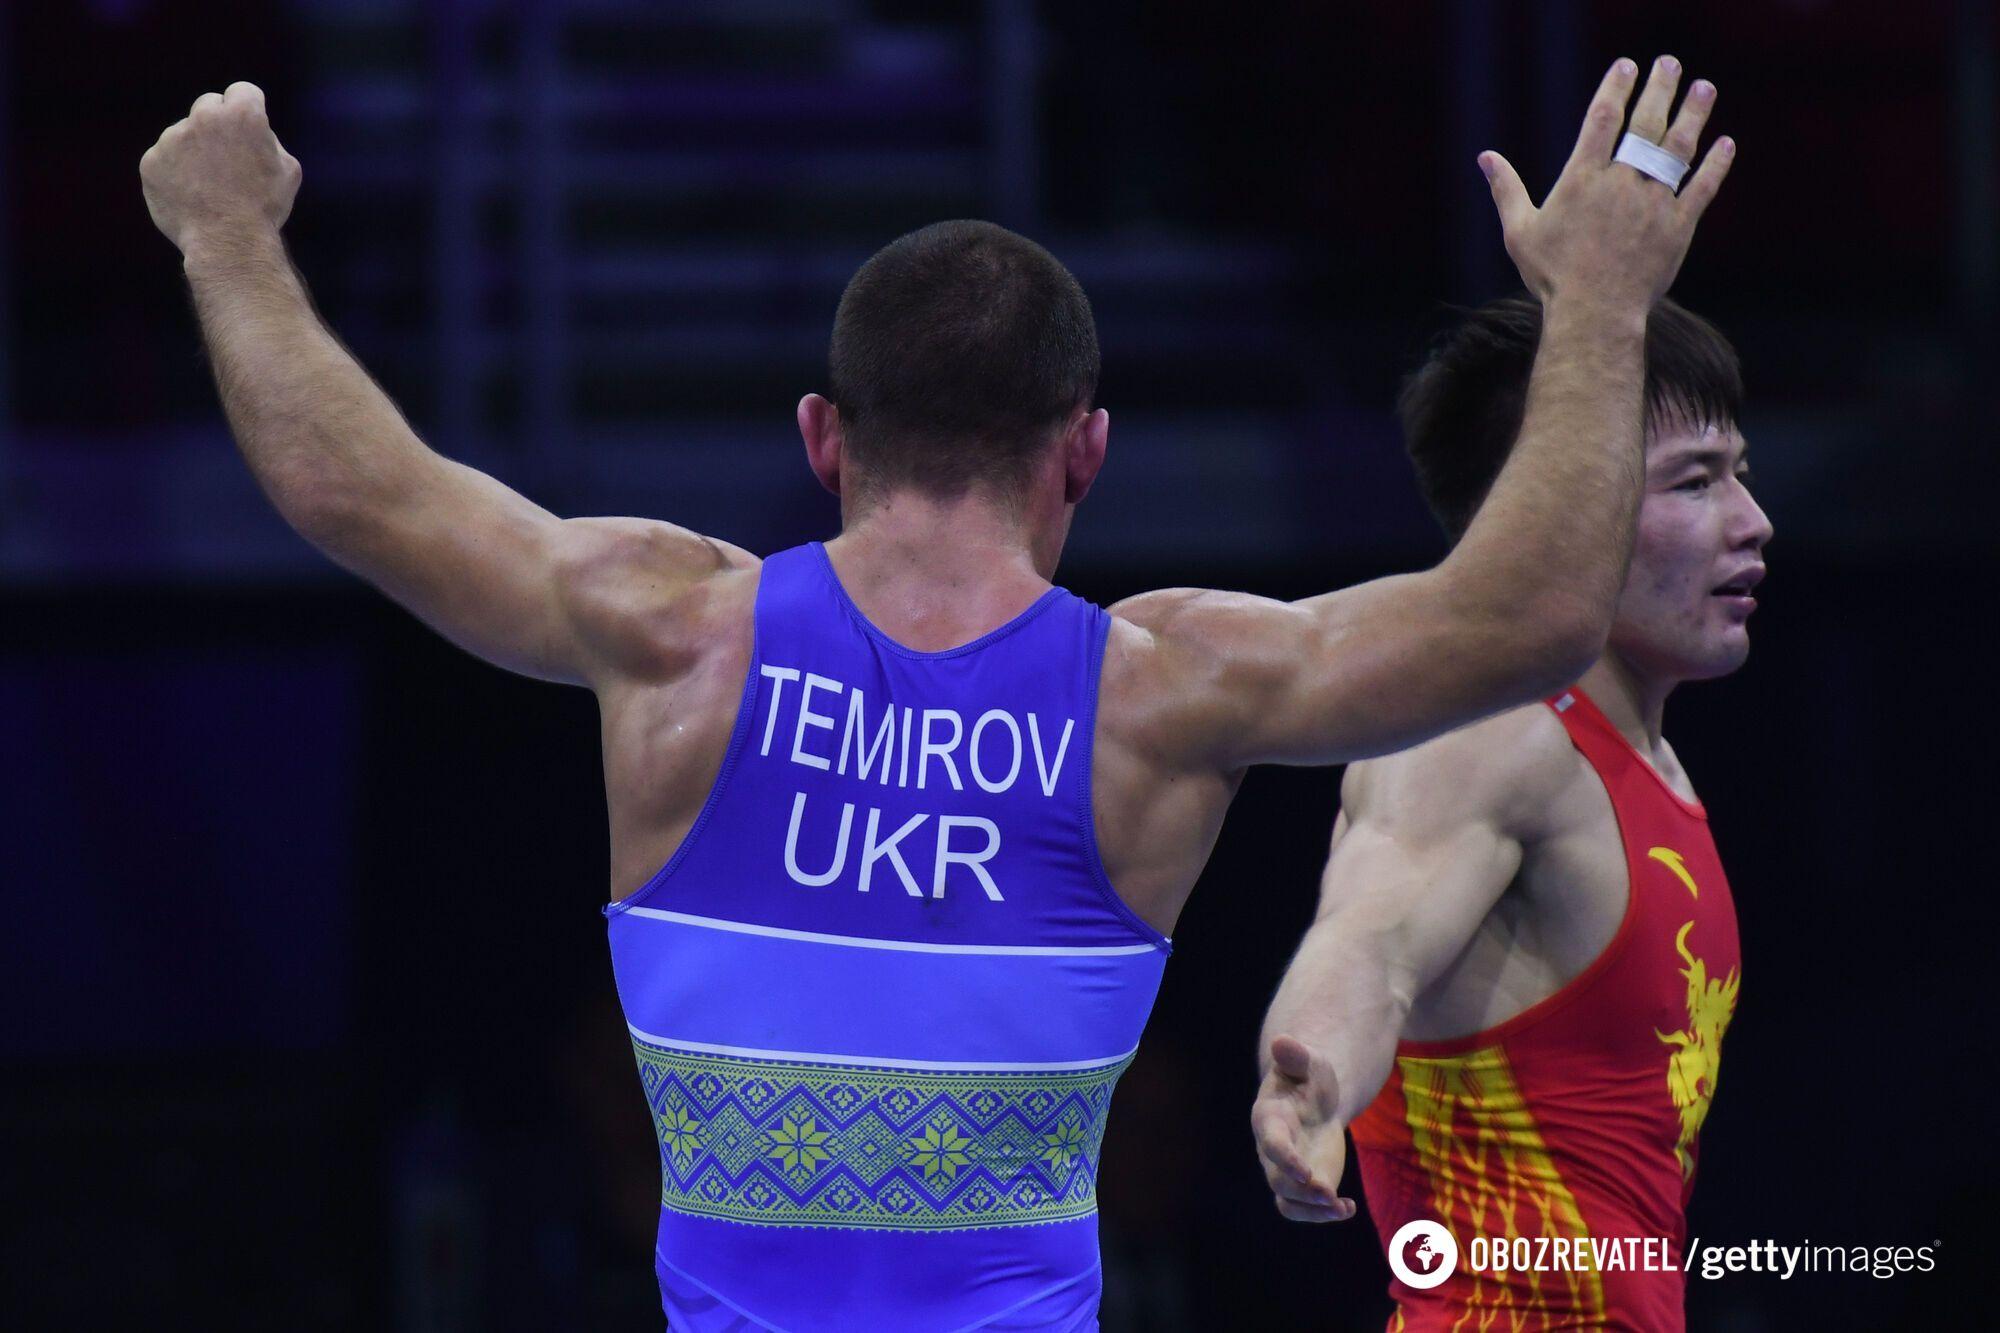 Ленур Теміров.